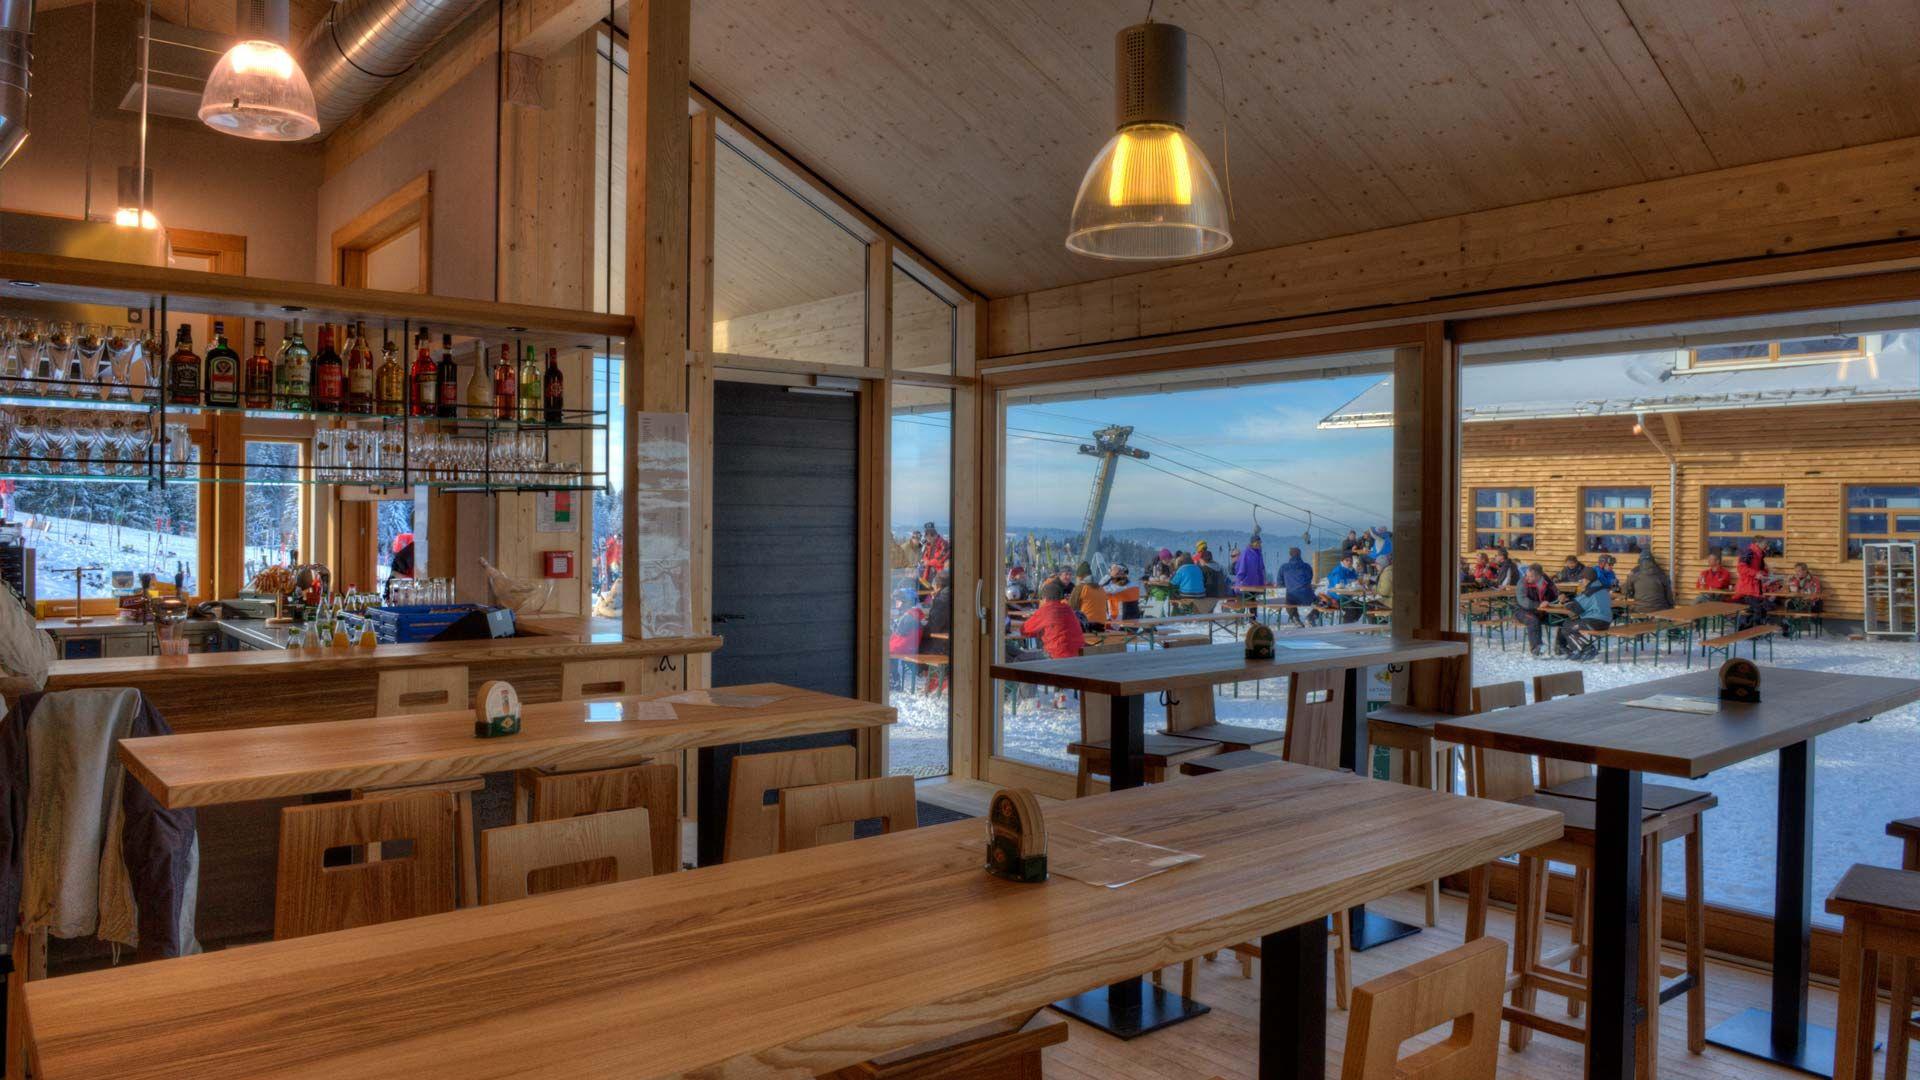 Barenstadl Alpe Hohenegg Hochzeit Location Urlaub Bayern Ubernachtung